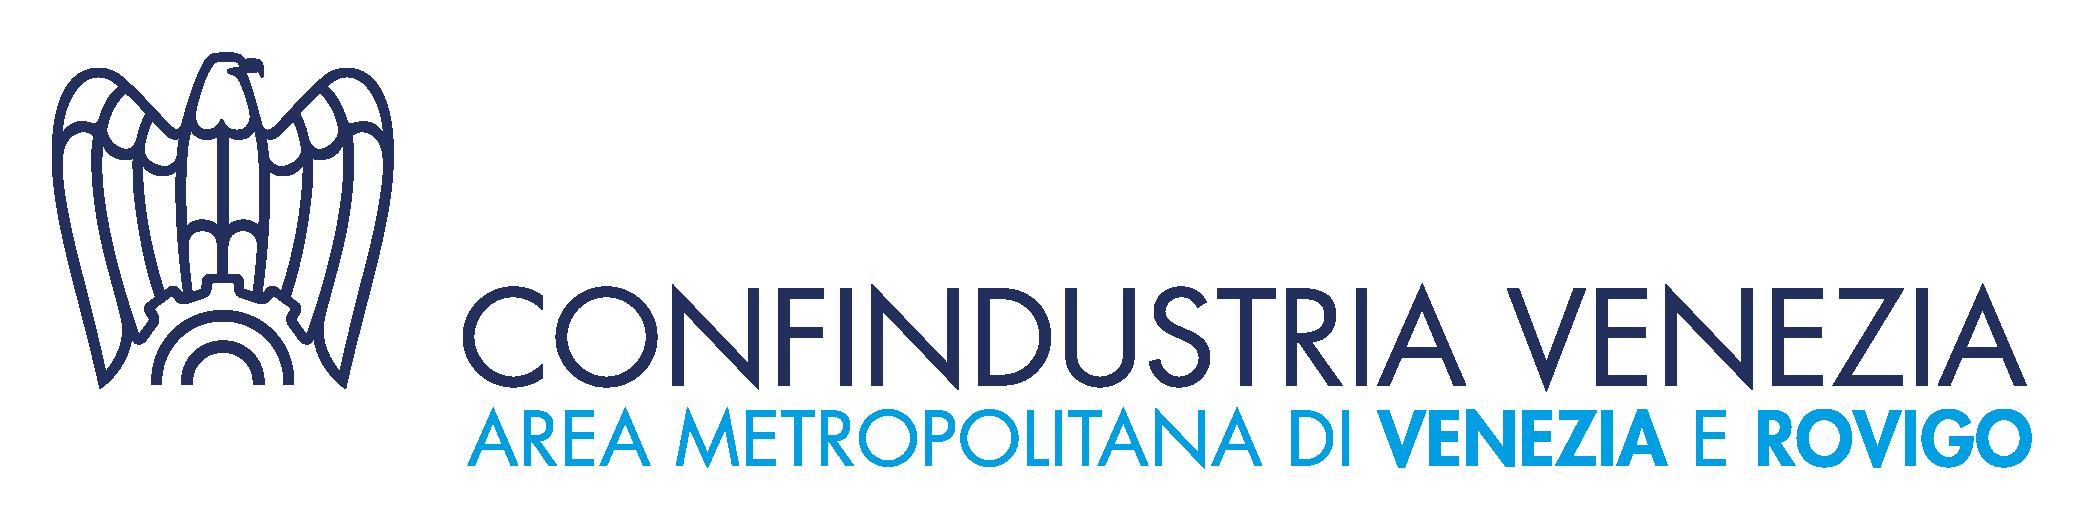 Aeromeccanica Veneta e Confidustria Venezia